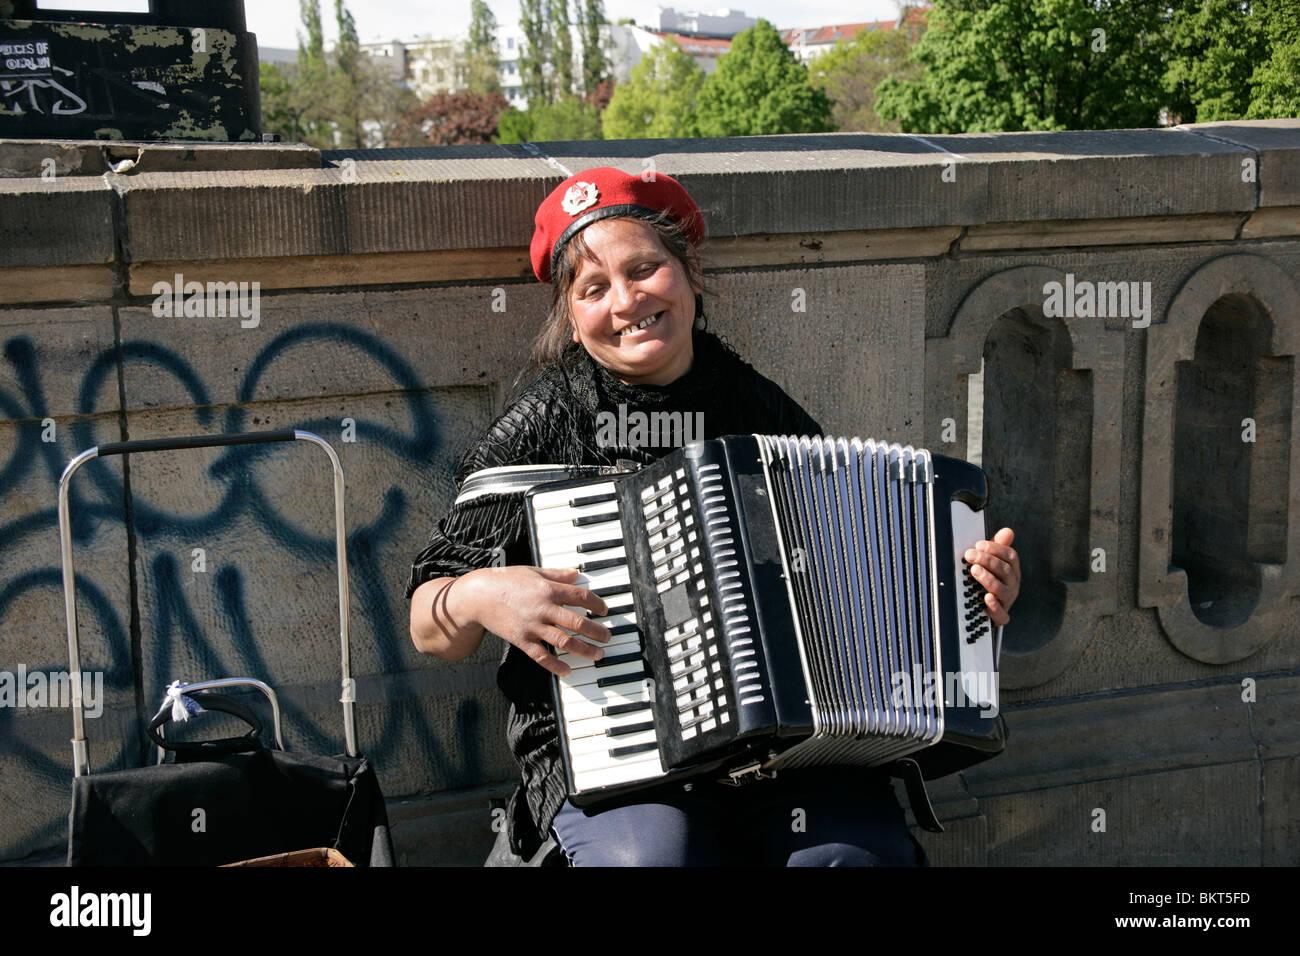 Street musician in Berlin, Germany - Stock Image